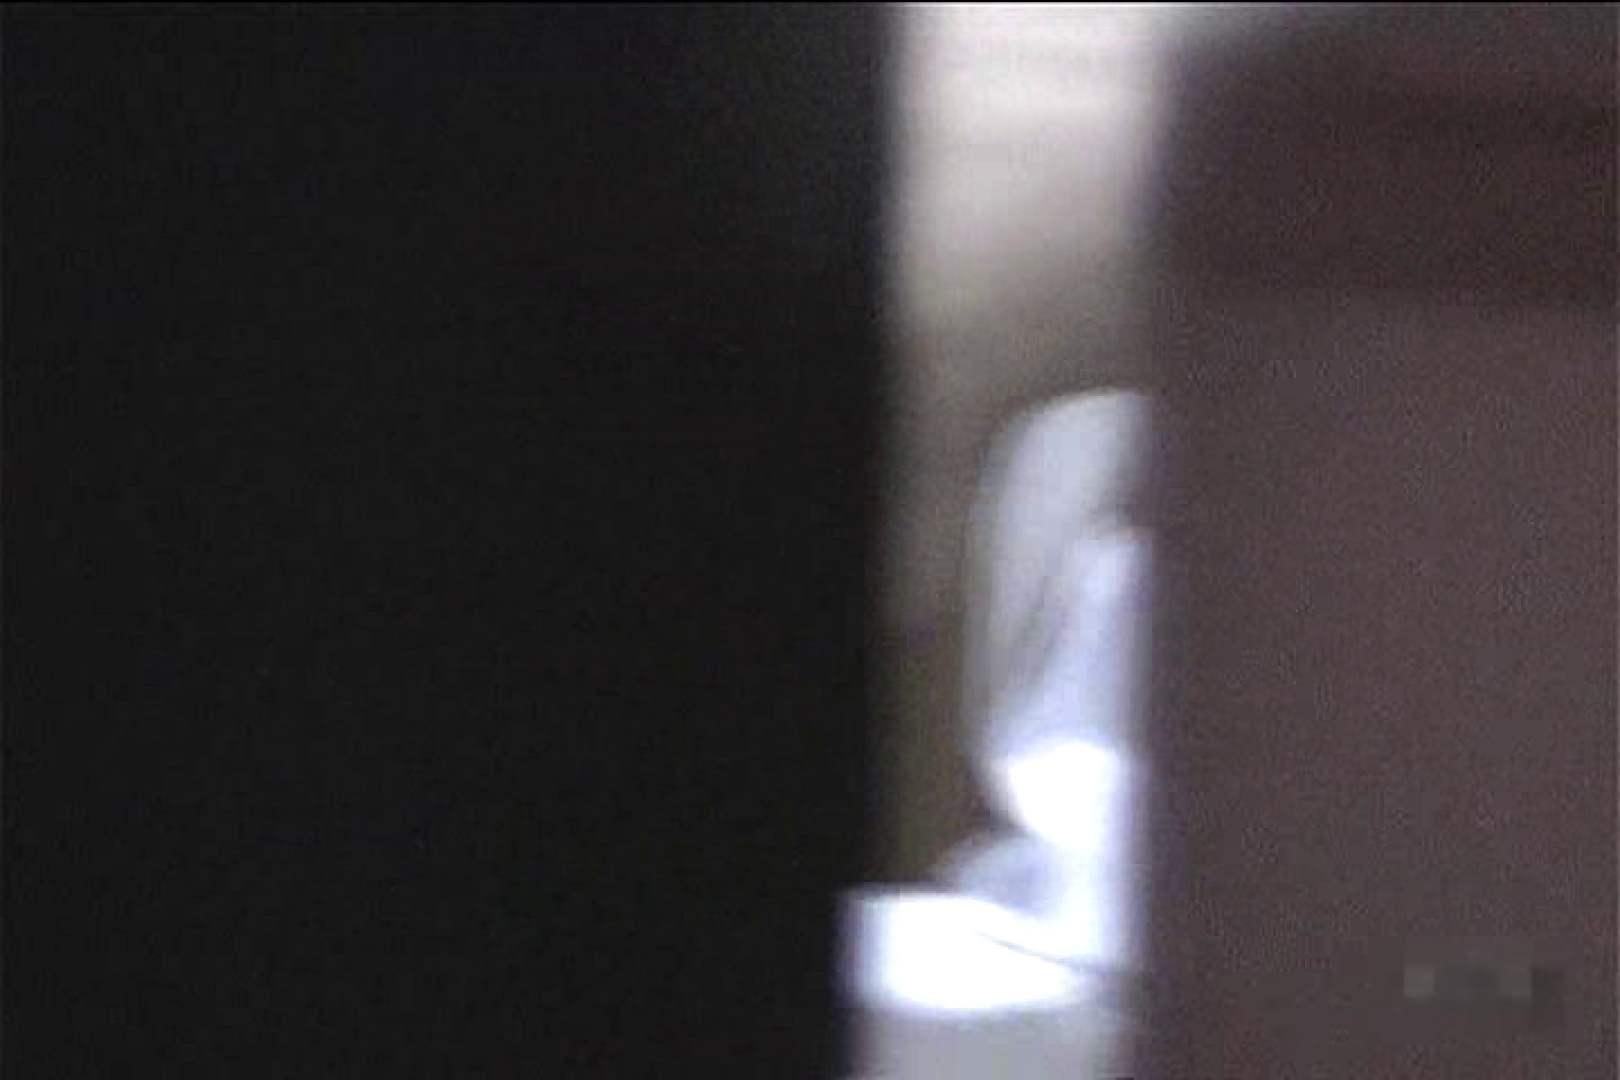 激撮ストーカー記録あなたのお宅拝見しますVol.11 股間満開 おまんこ動画流出 106PICs 43